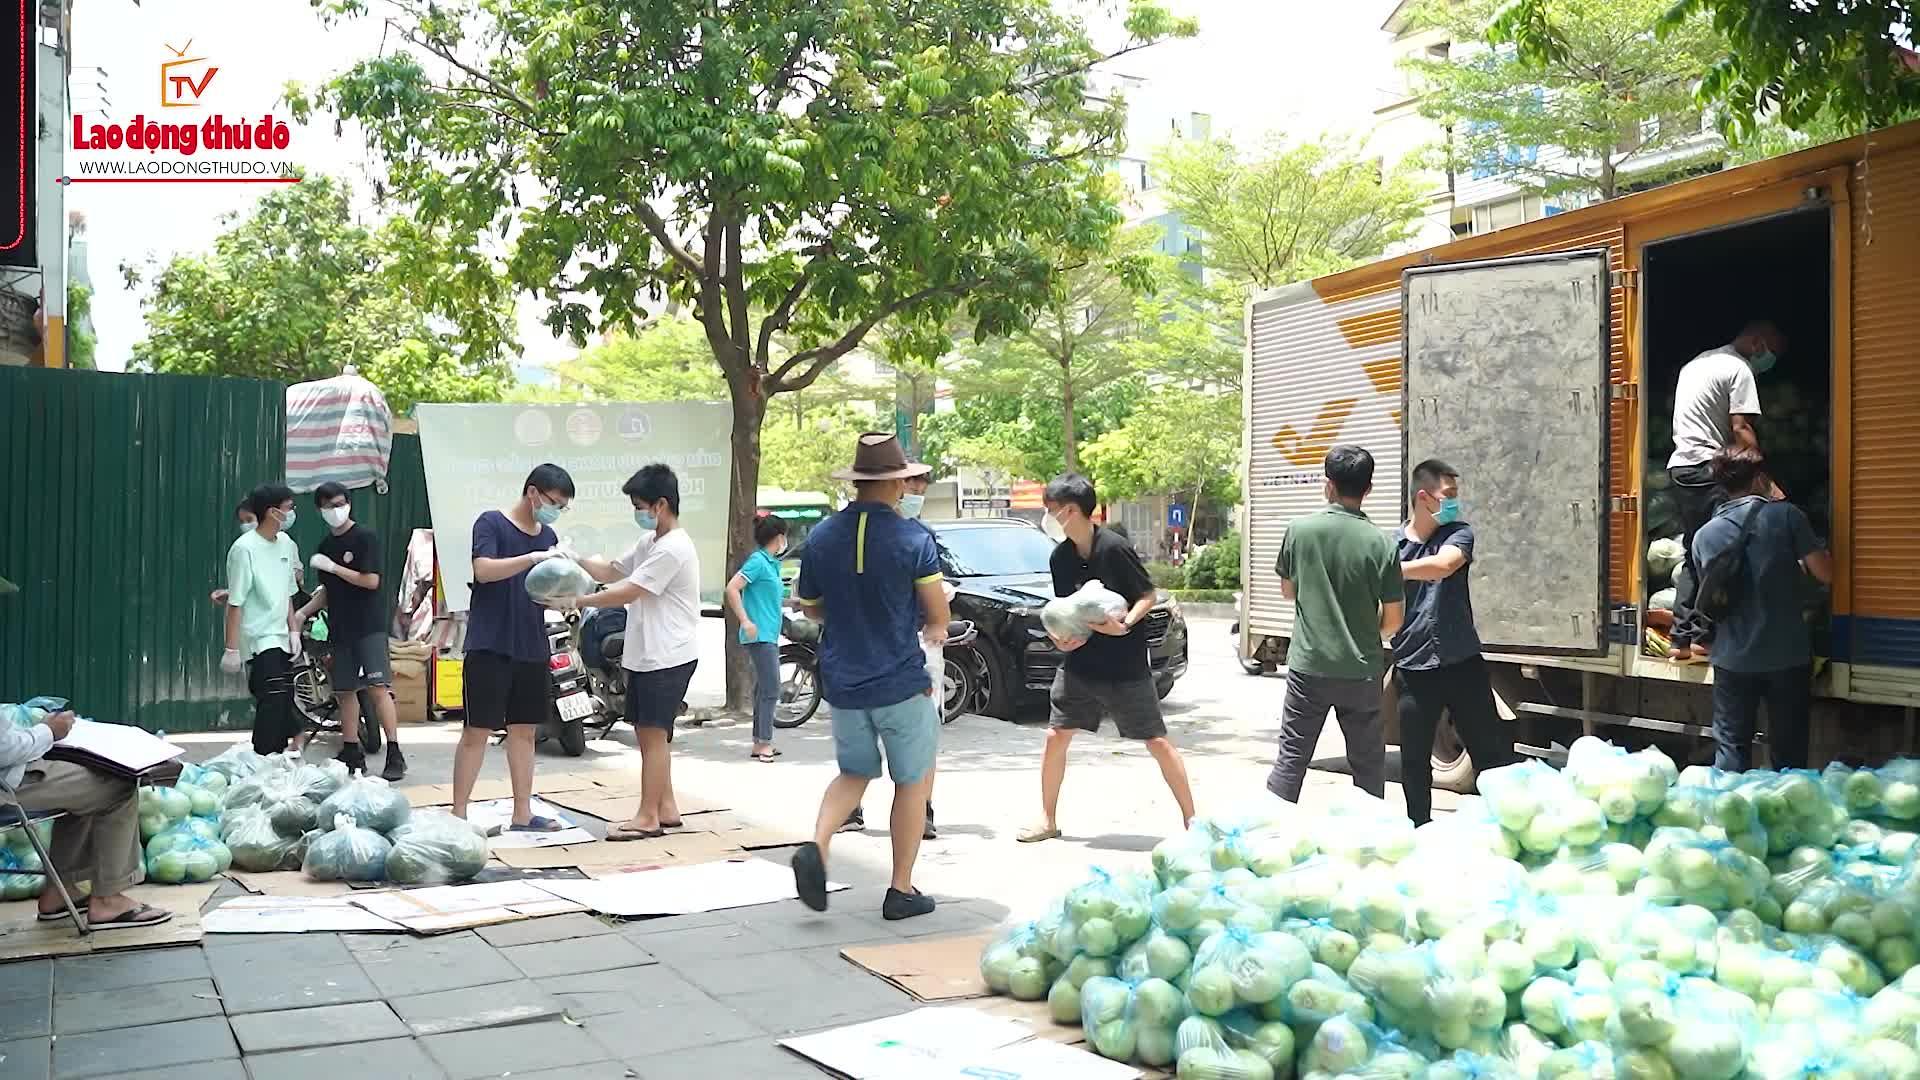 Người dân Thủ đô chung tay hỗ trợ đầu ra cho nông sản Bắc Giang trong mùa dịch